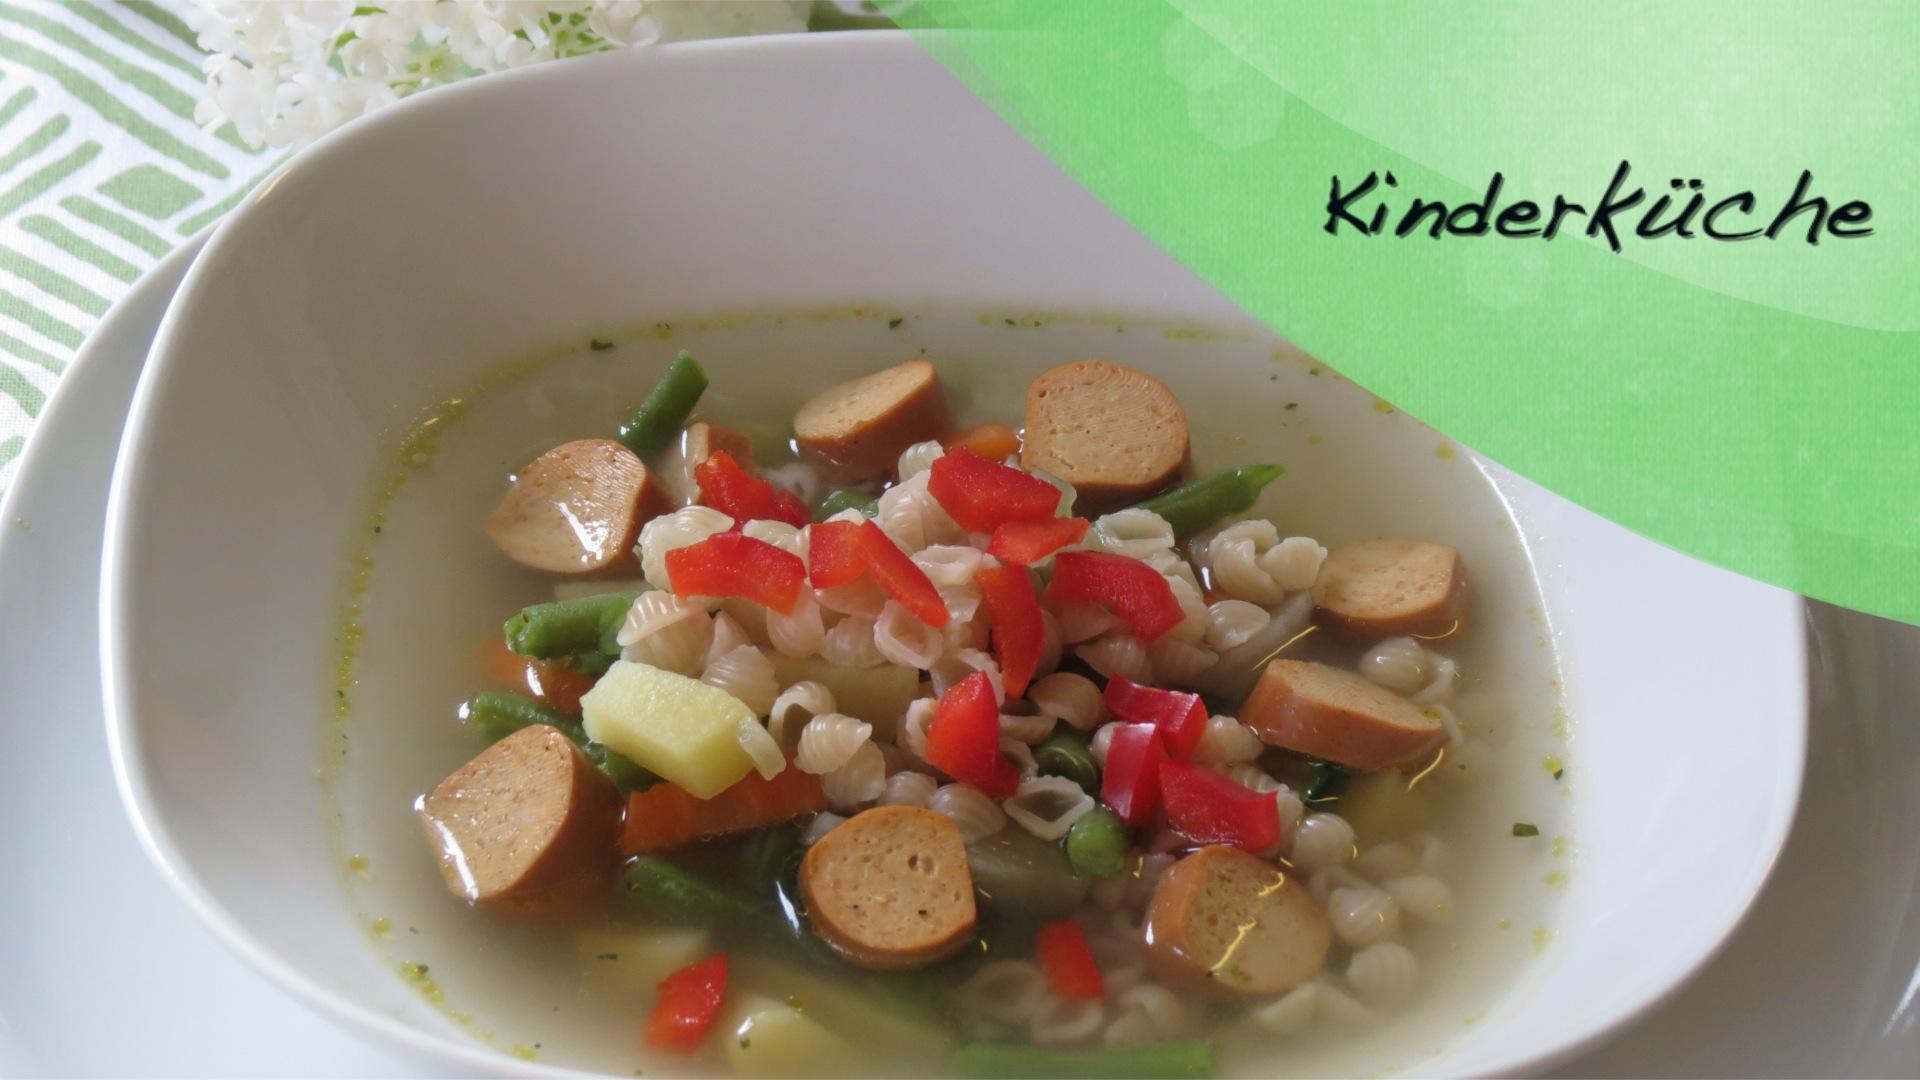 Schnelle Sommerküche Für Kinder : Schnelle gesunde küche für kinder schnelle gesunde küche